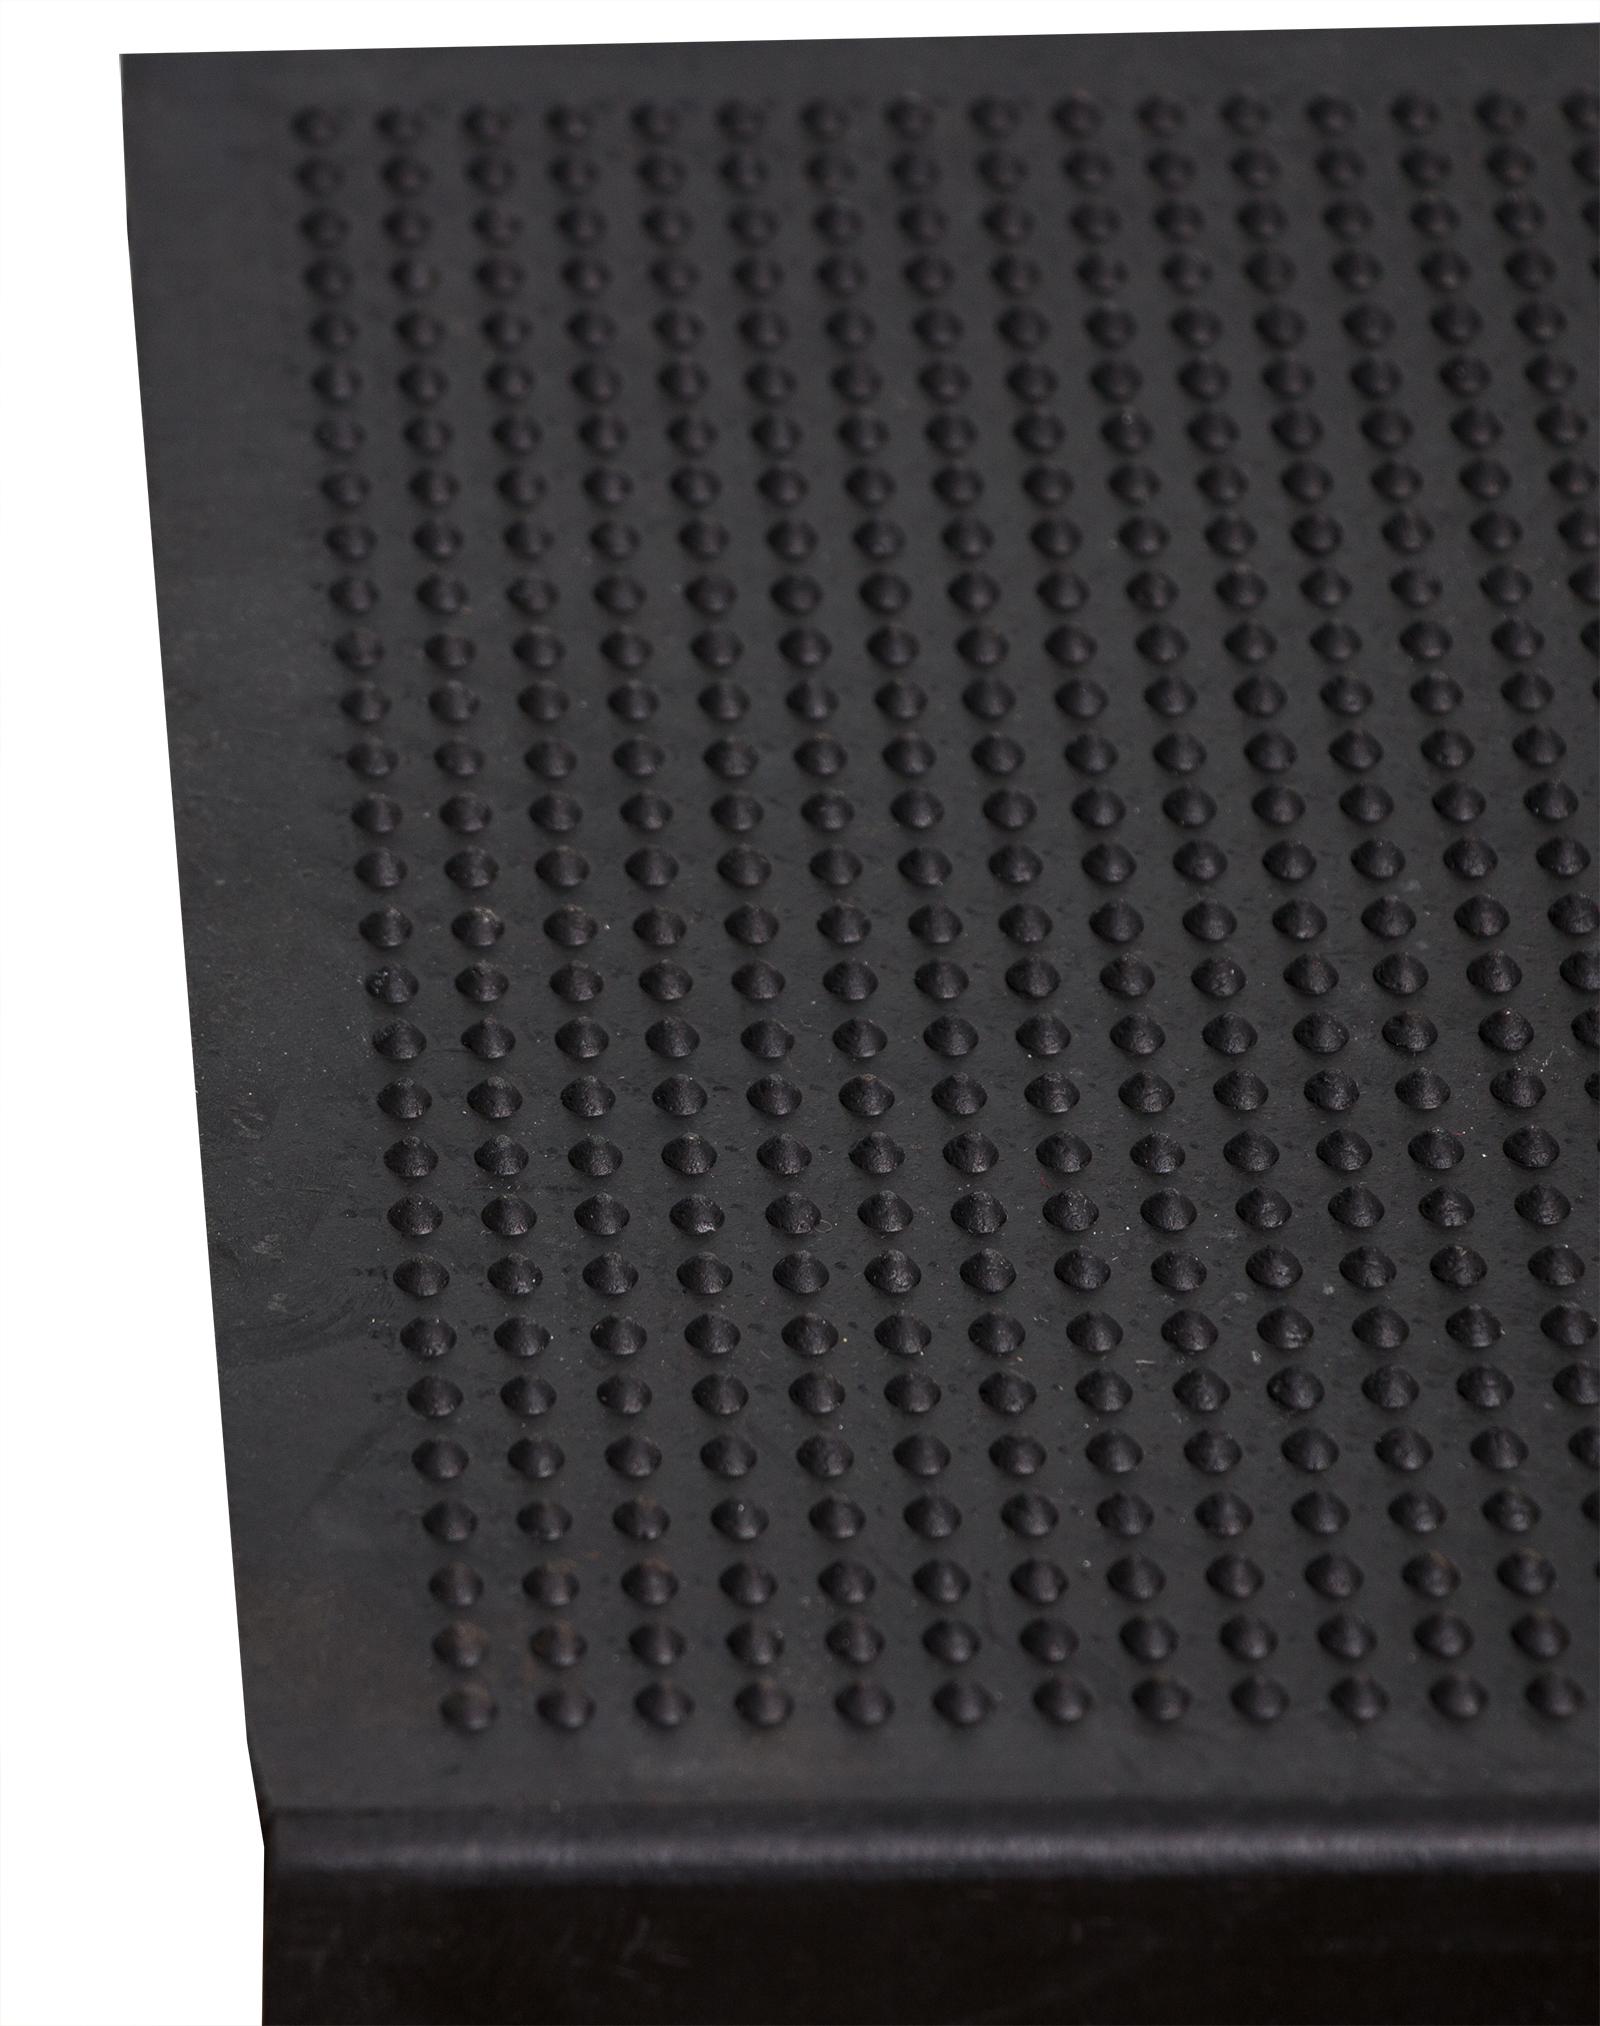 mit Winkelkante 64,5x25cm f/ür Innen- und Au/ßentreppen Treppenmatte Rutschfest BigDean Stufenmatte aus Gummi 5 St/ück